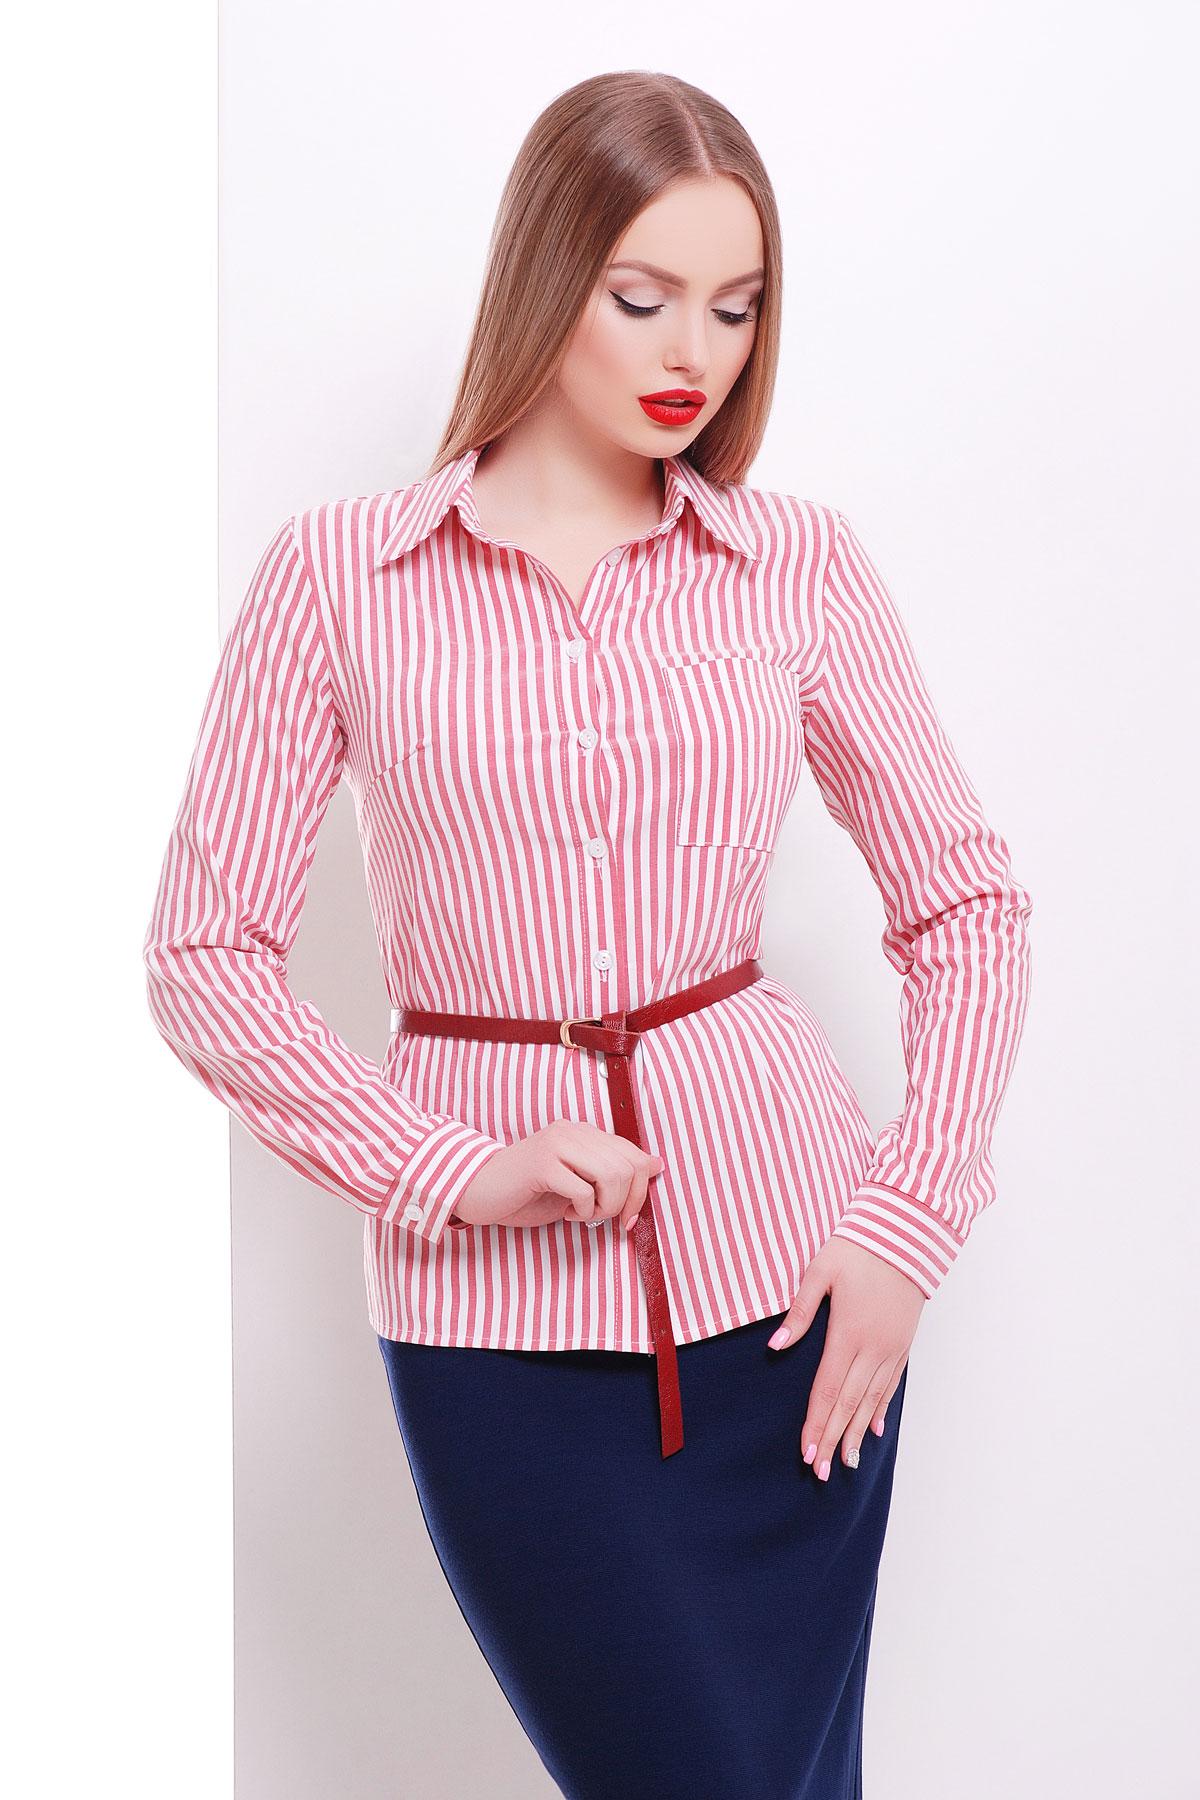 модные блузки весна лето 2019 фото: с длинным рукавом красная с белым в полоску